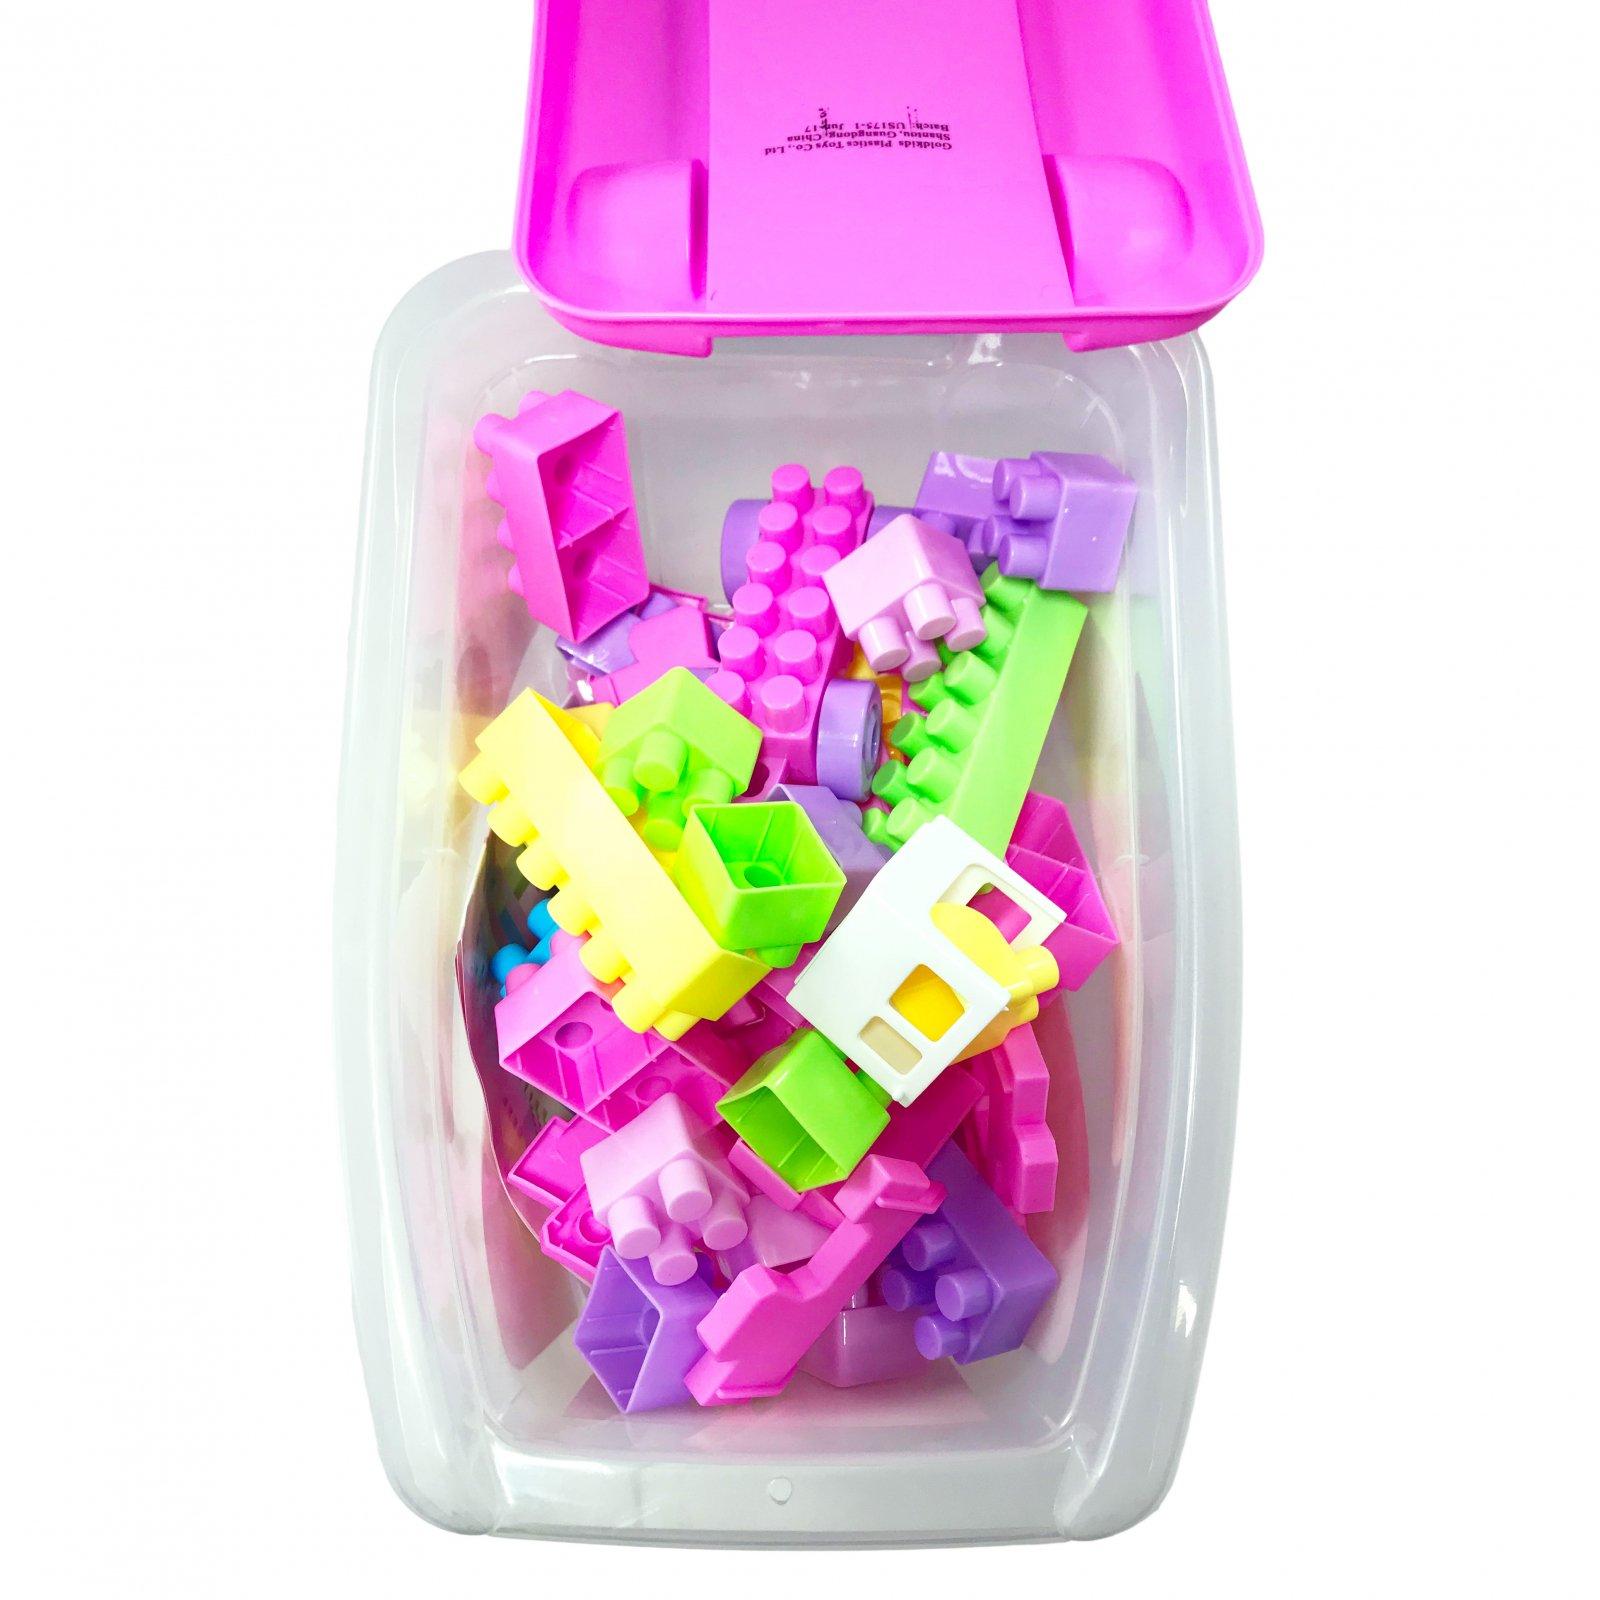 55 Piece Educational Blocks Cart Play Set - Pink